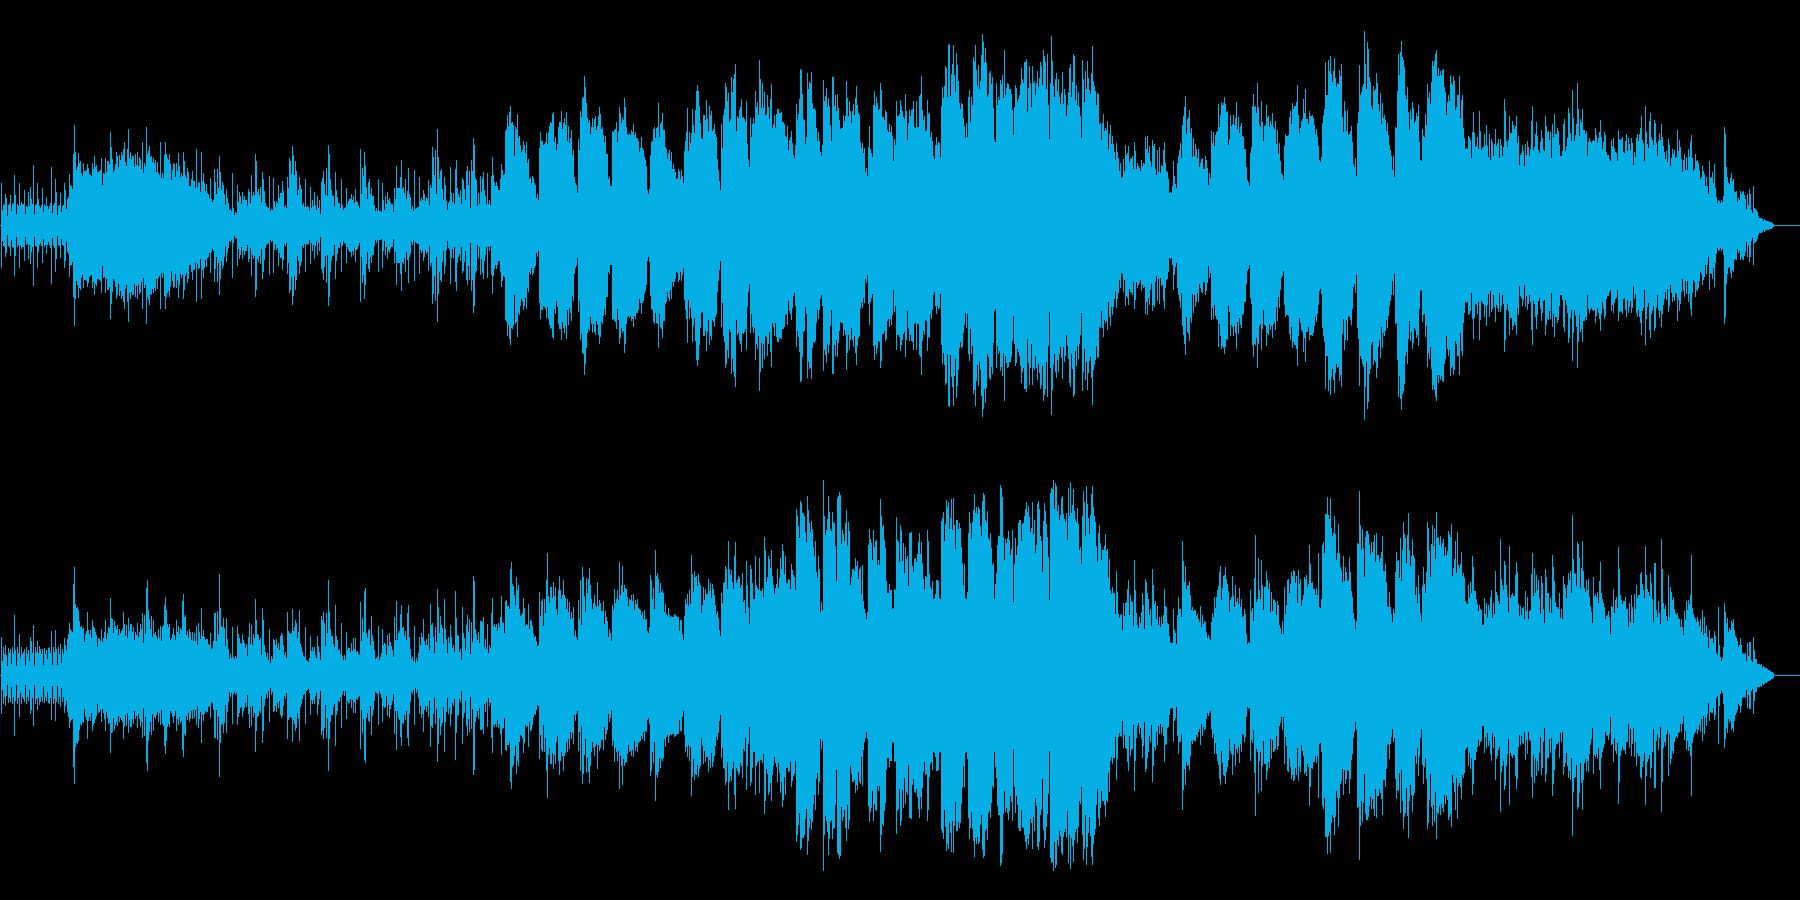 大自然の雄大さをイメージした映像音楽ですの再生済みの波形